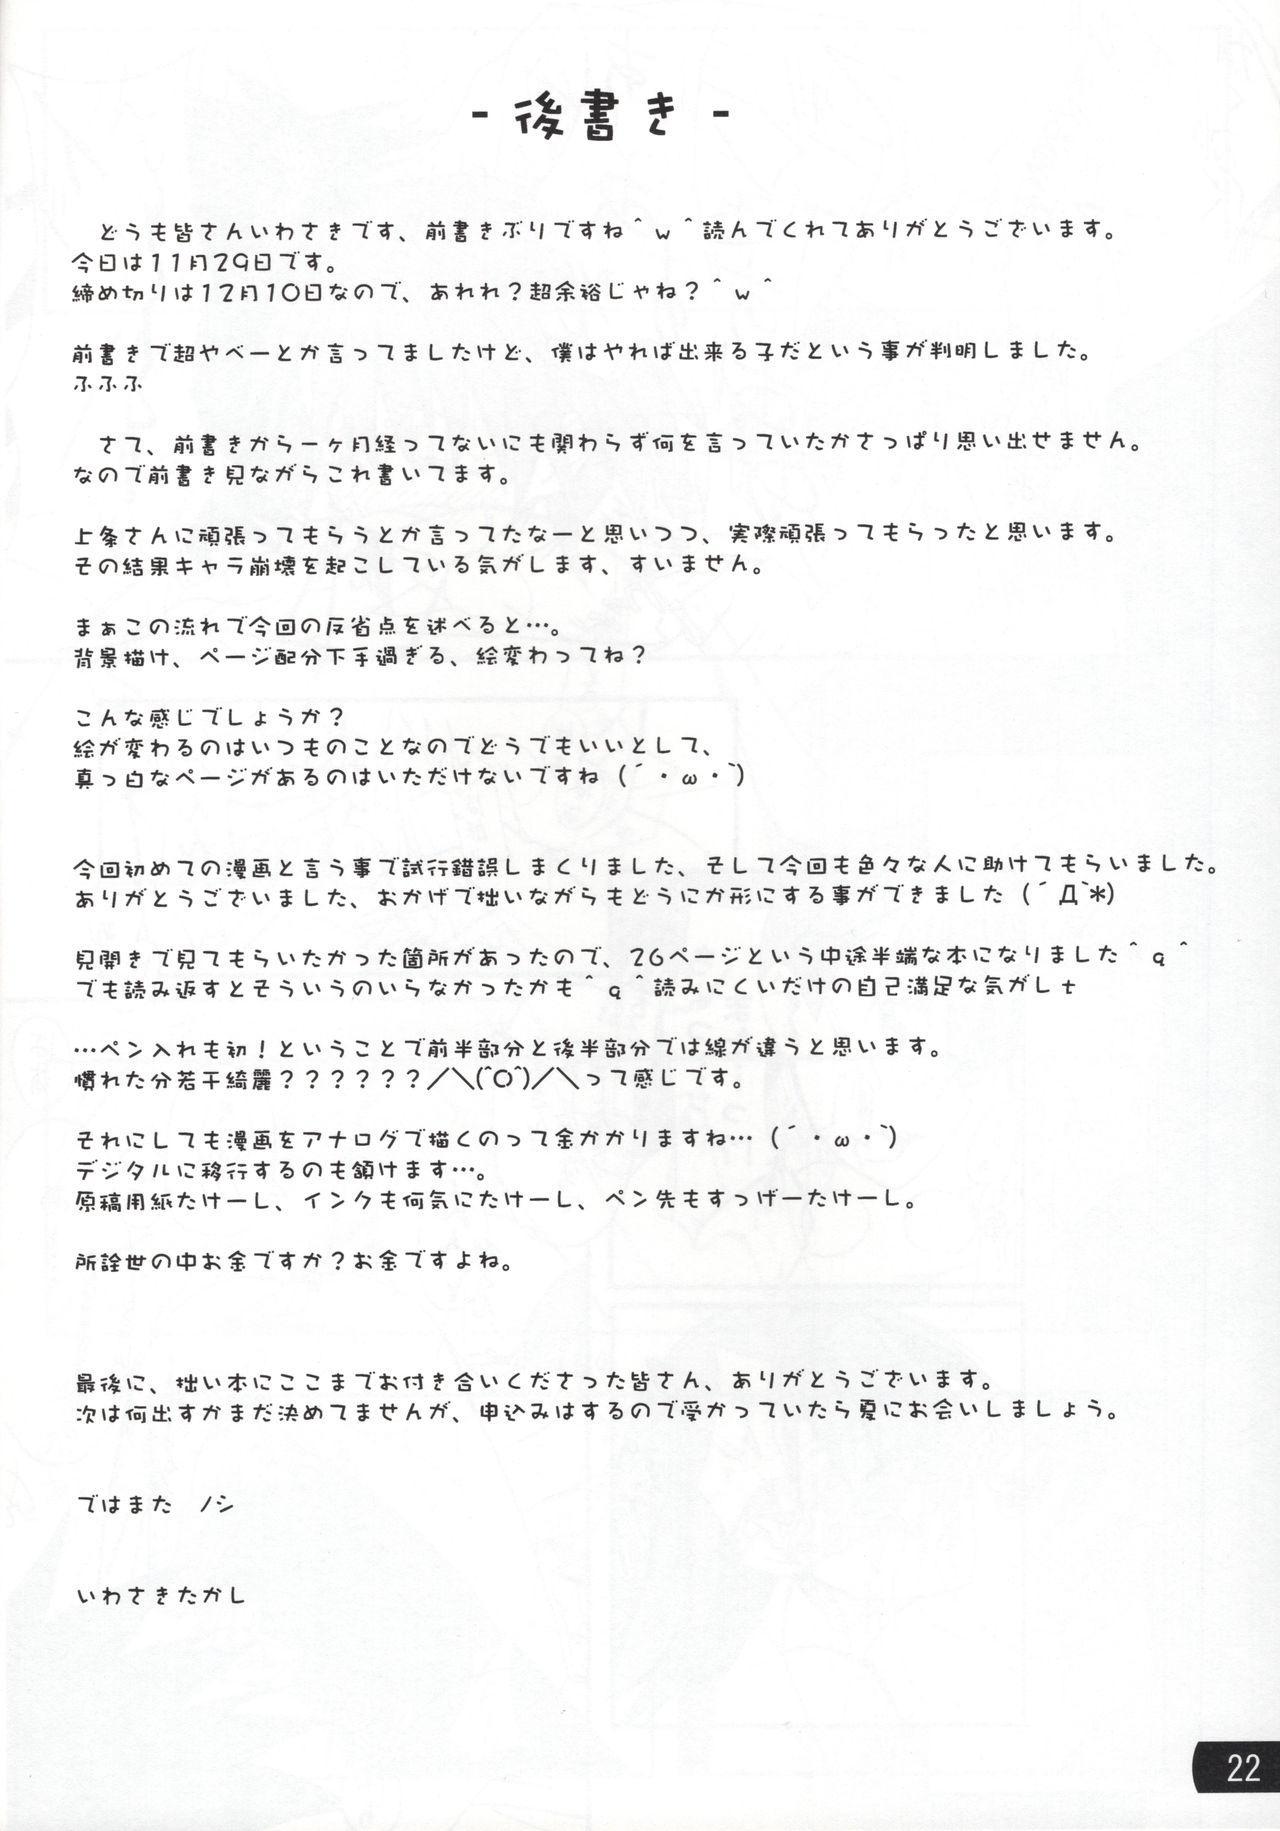 Toaru mousou no chou denji hon 02 20